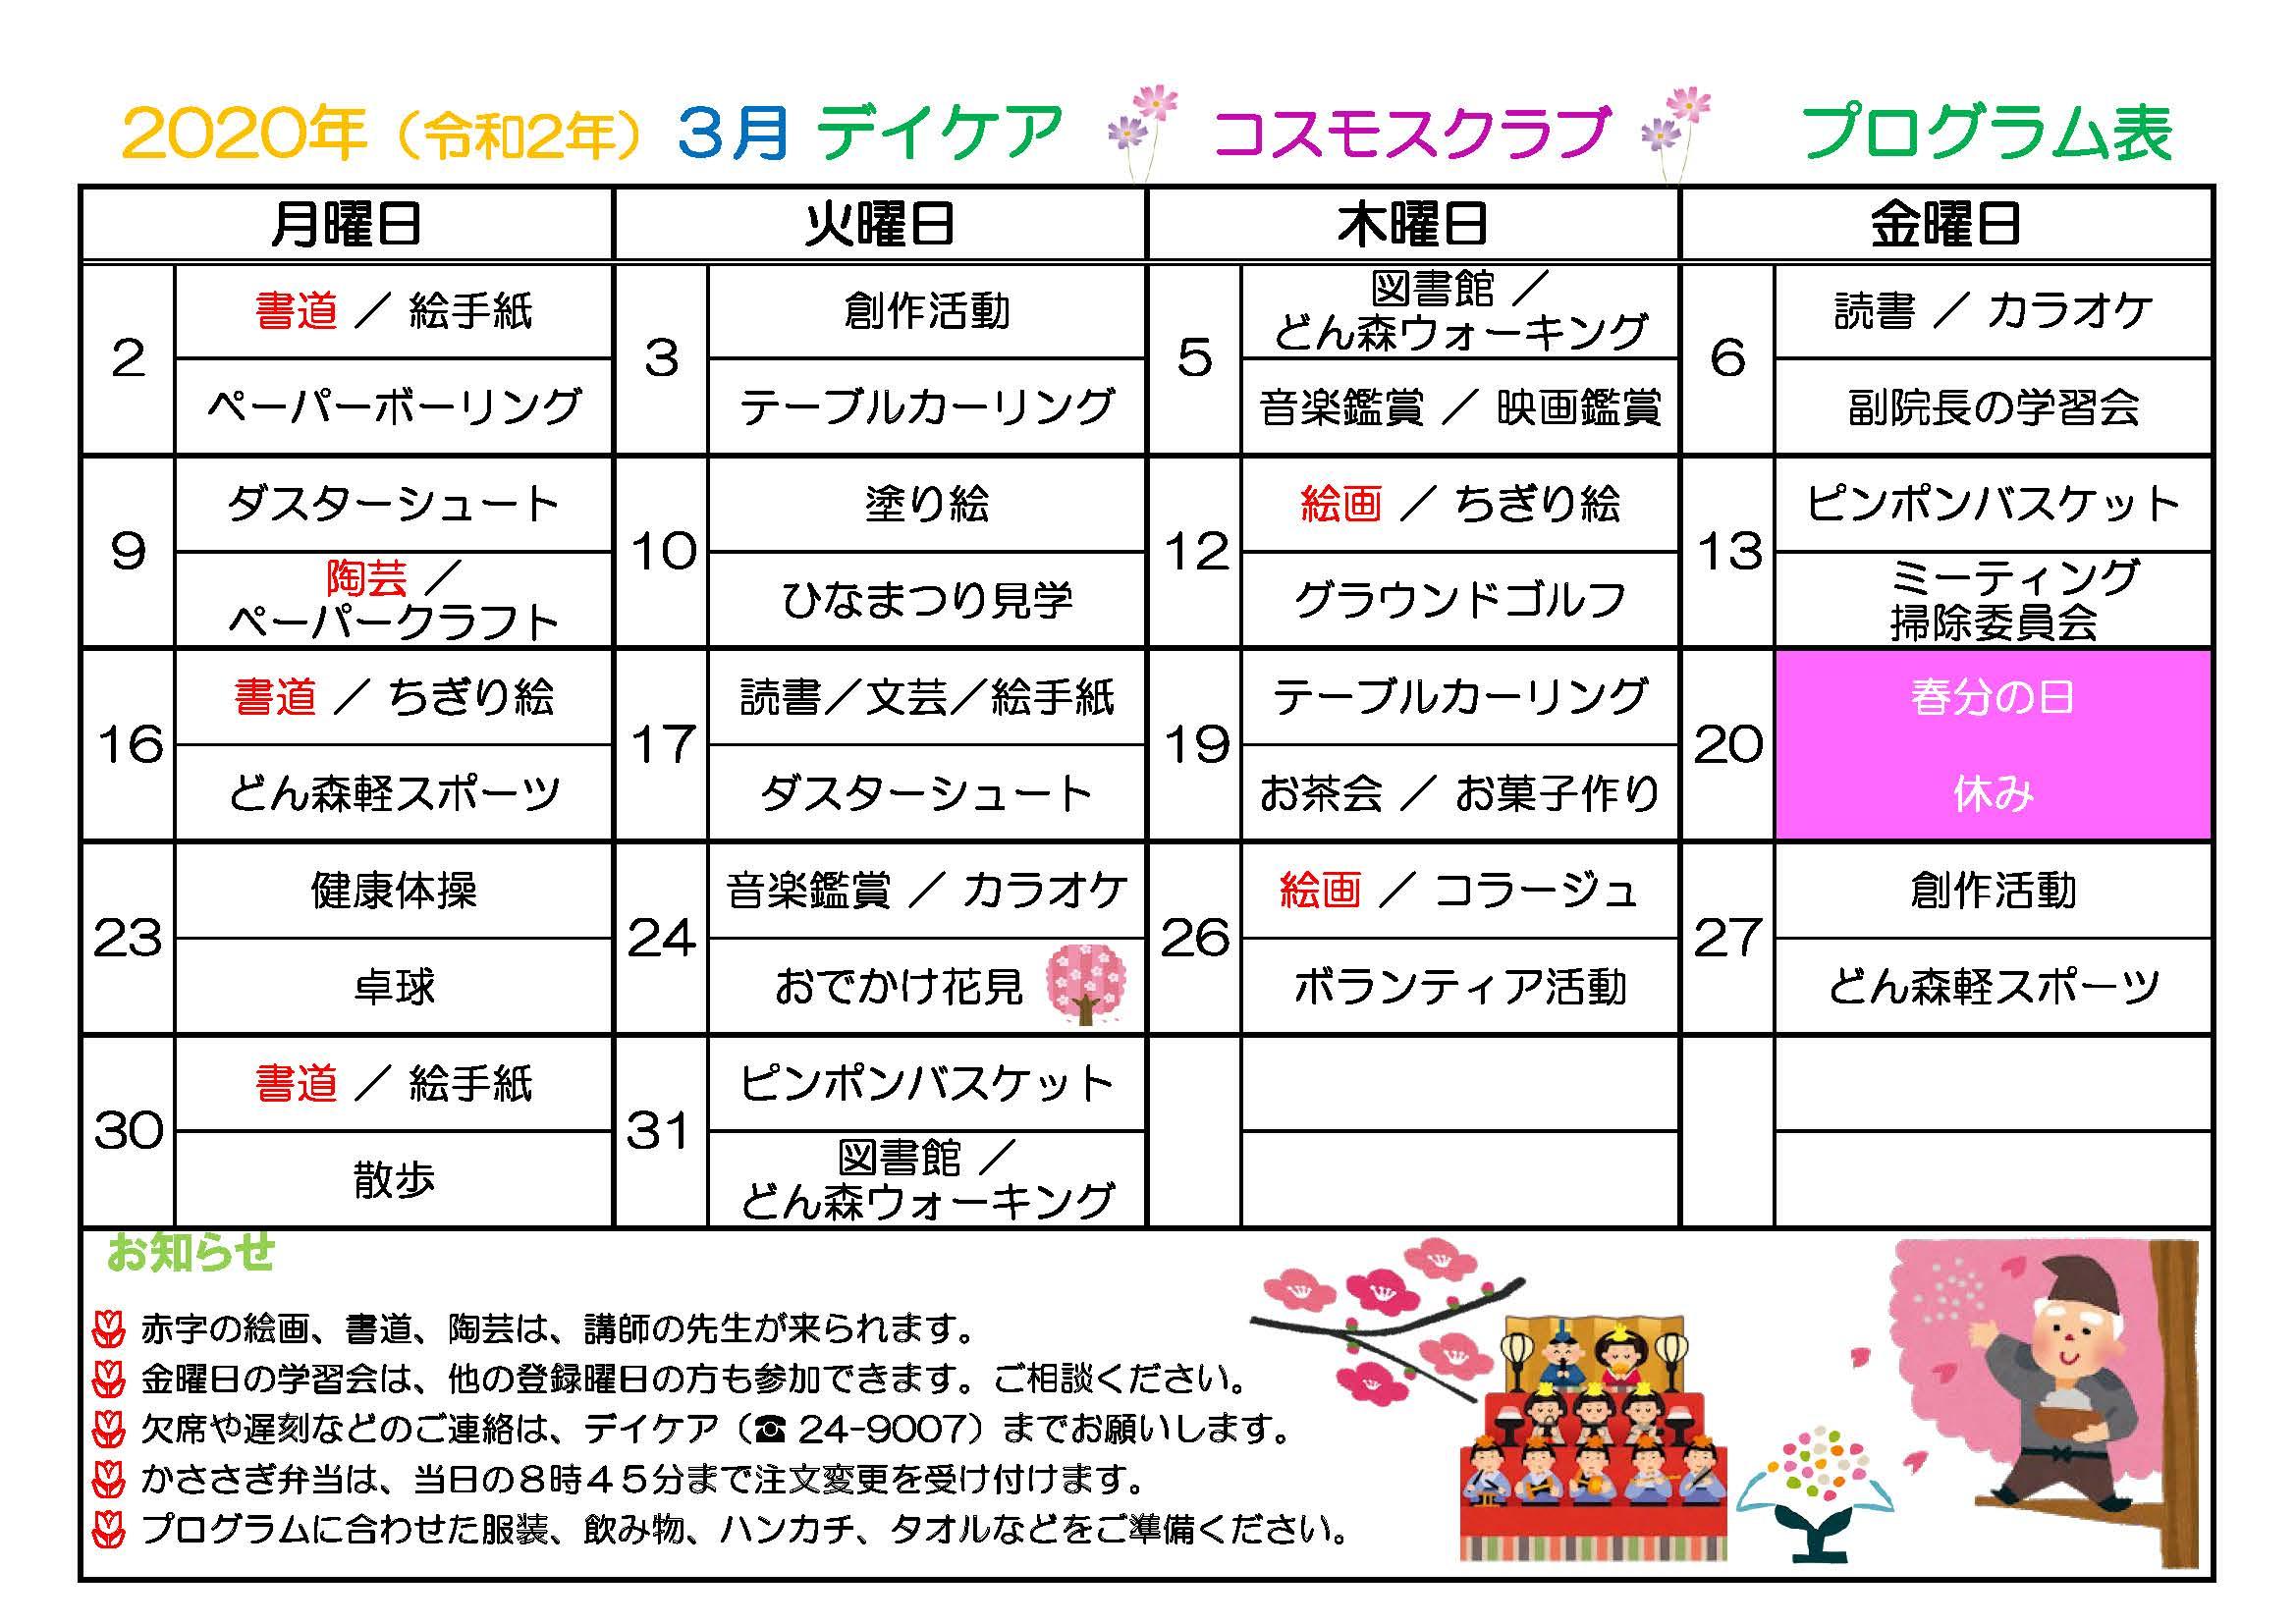 2020年3月プログラム表